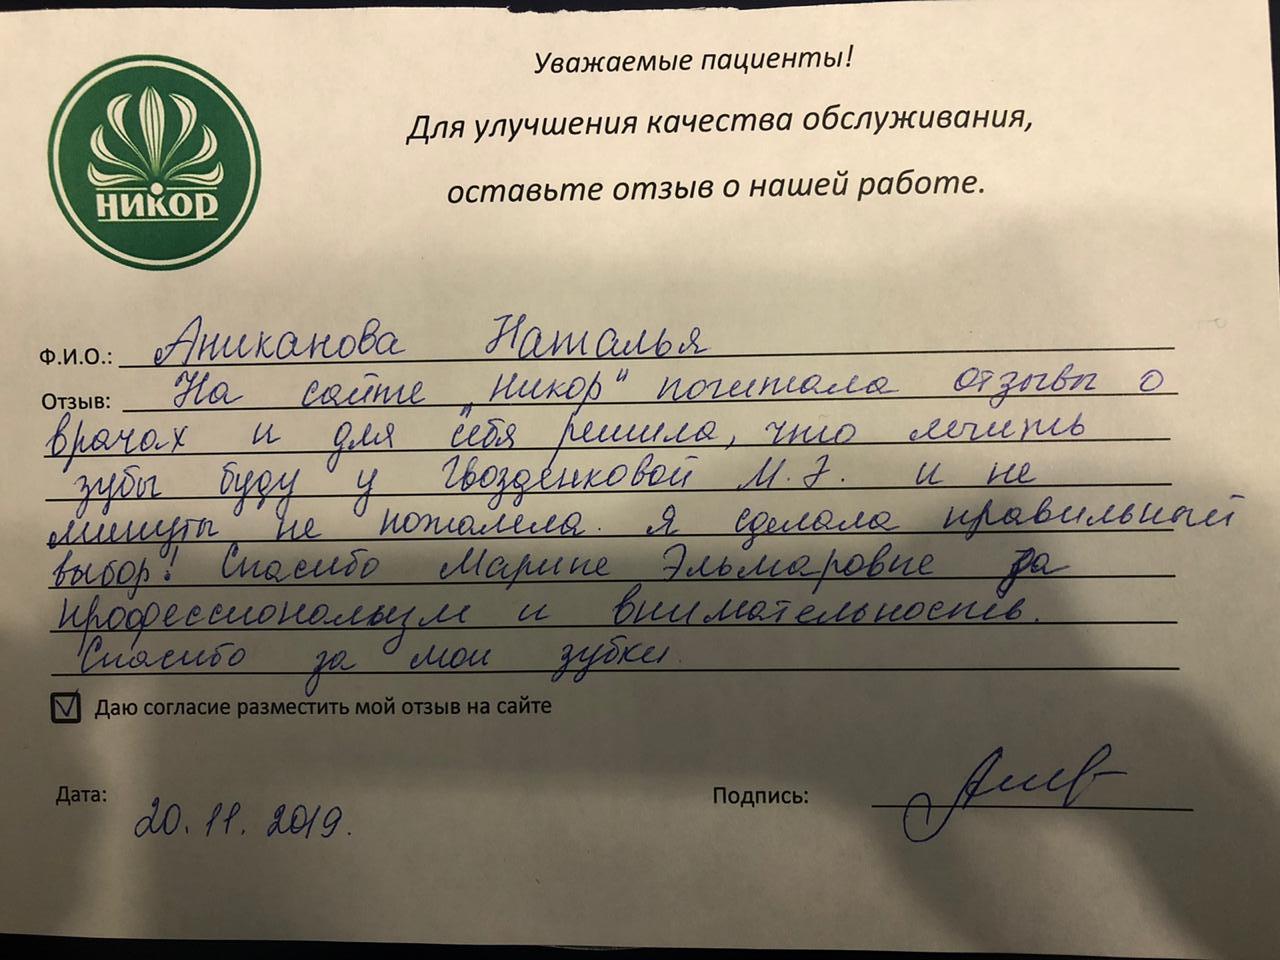 Аниканова Наталья